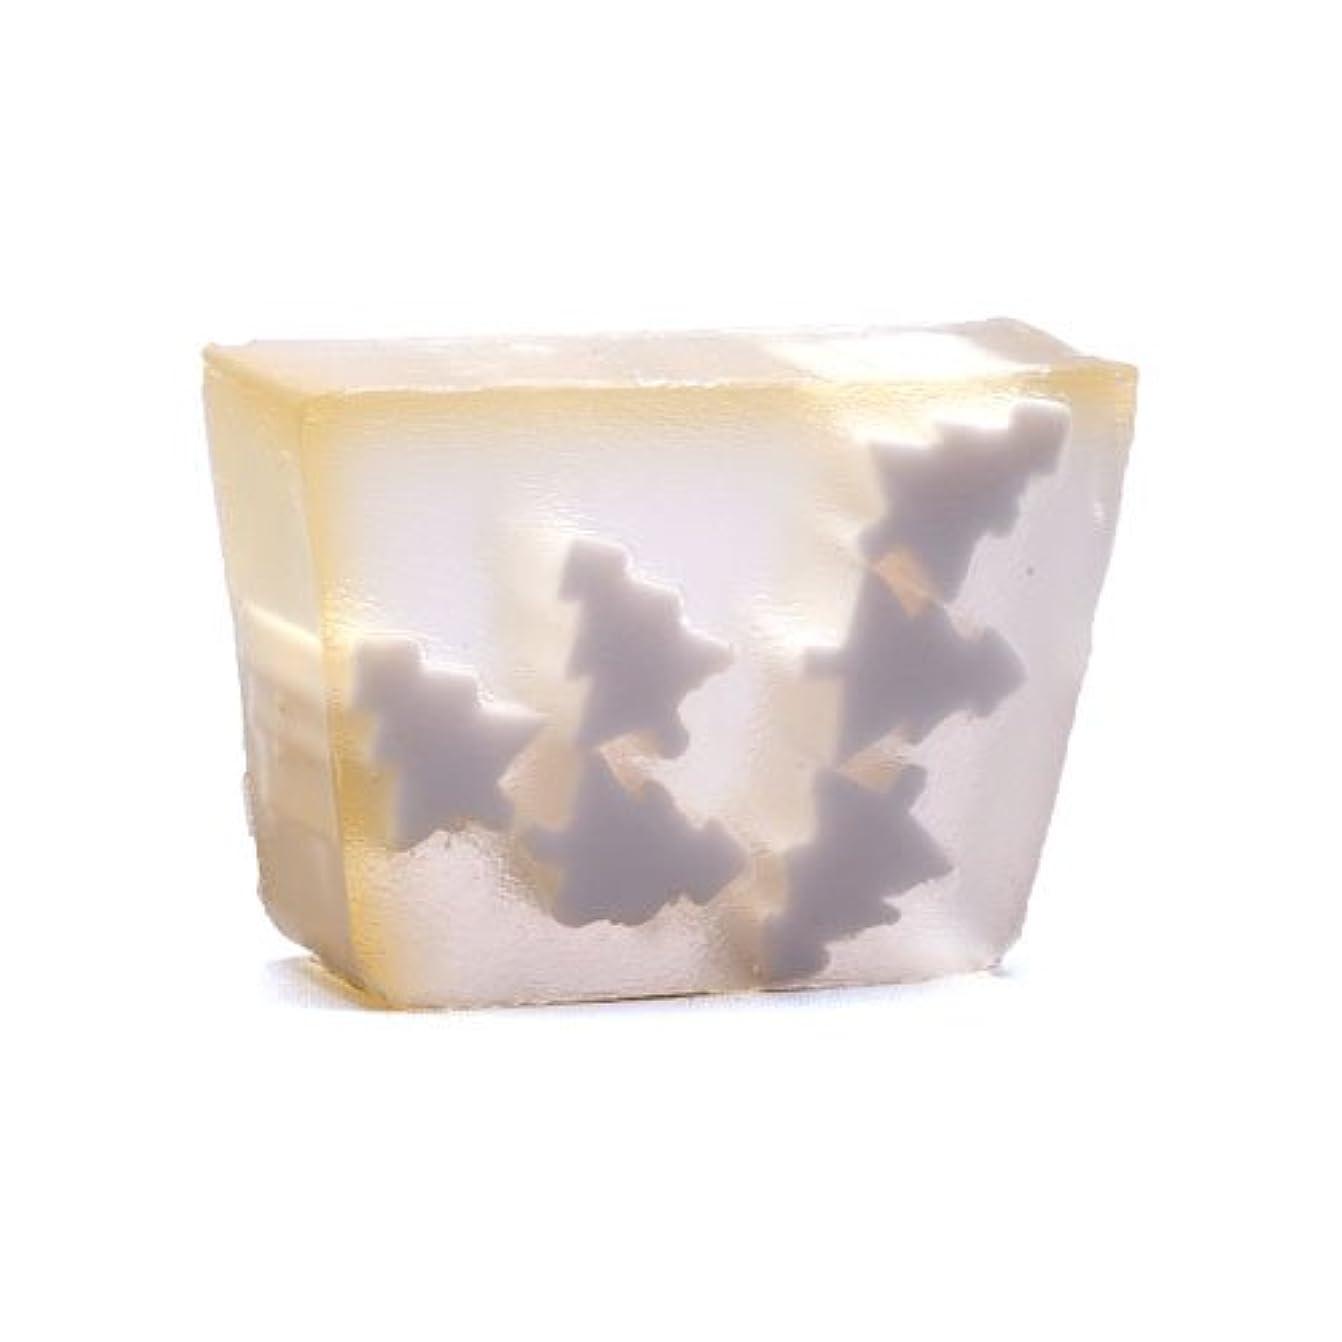 脱獄安価な静かにプライモールエレメンツ アロマティック ミニソープ ホワイトワンダーランド 80g 植物性 ナチュラル 石鹸 無添加